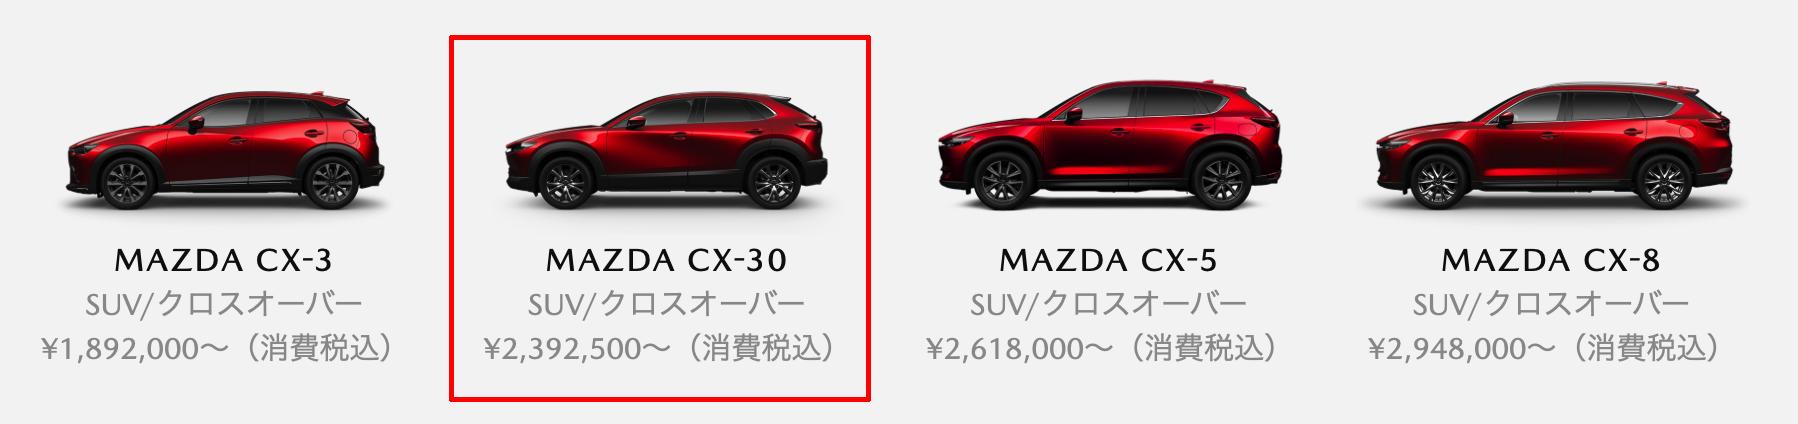 """押宝跨界SUV 马自达CX-30""""以高打低""""能否成功"""